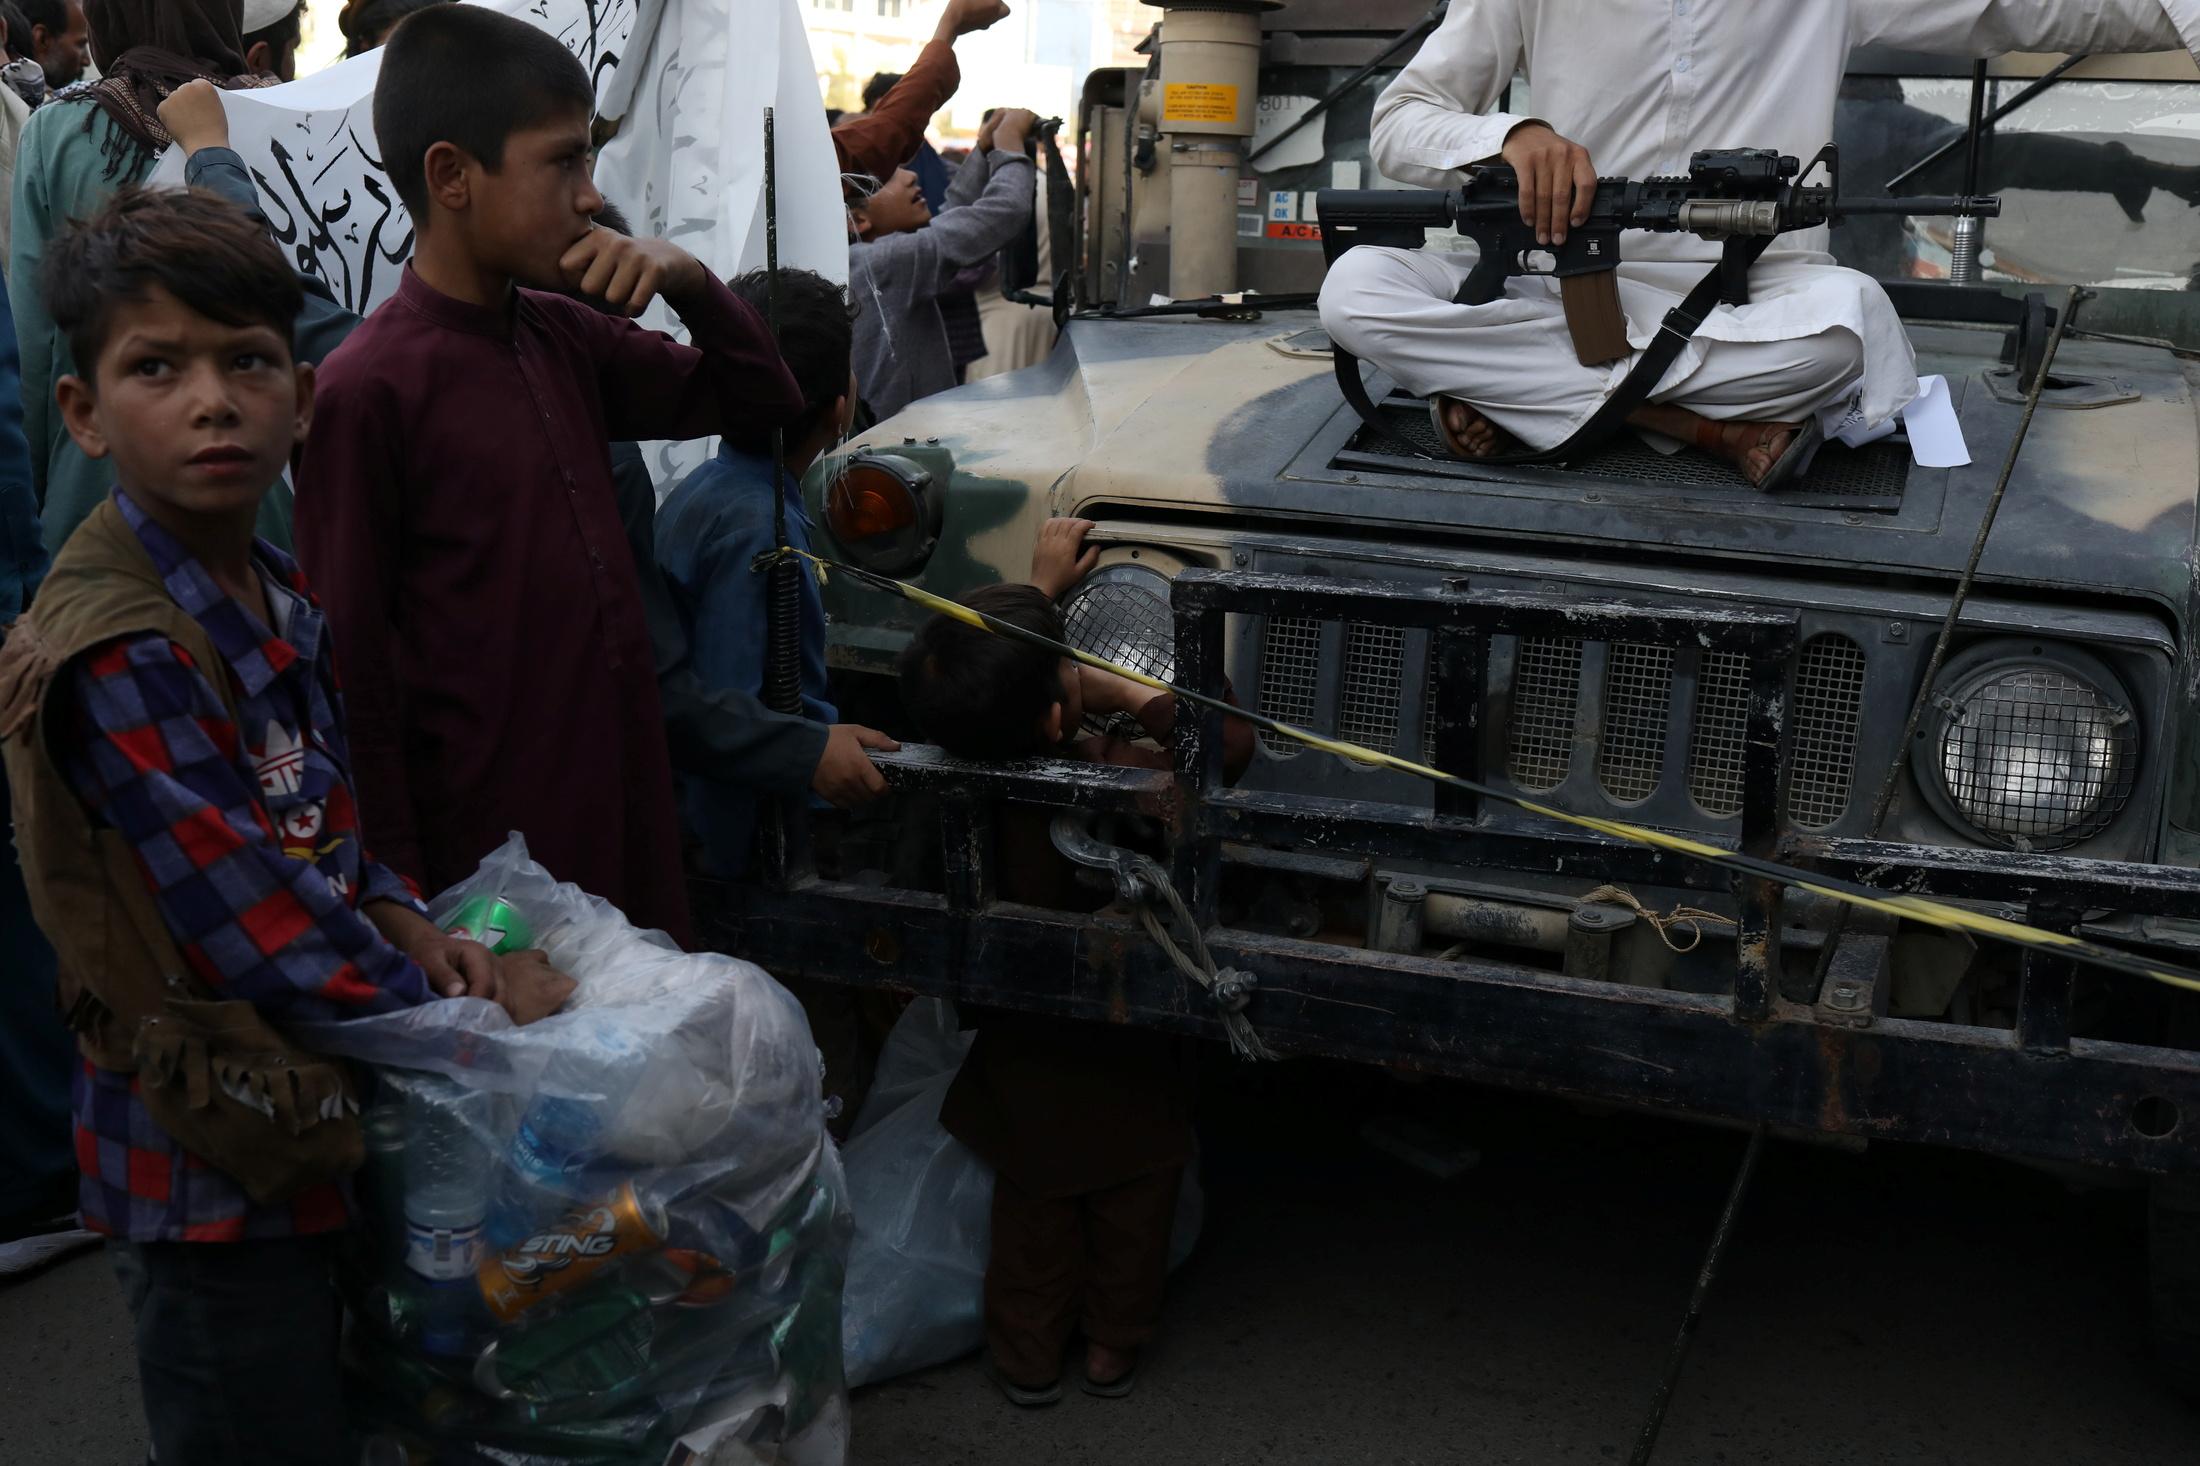 Αφγανιστάν: Εκατοντάδες παιδιά έφυγαν ασυνόδευτα από τη χώρα